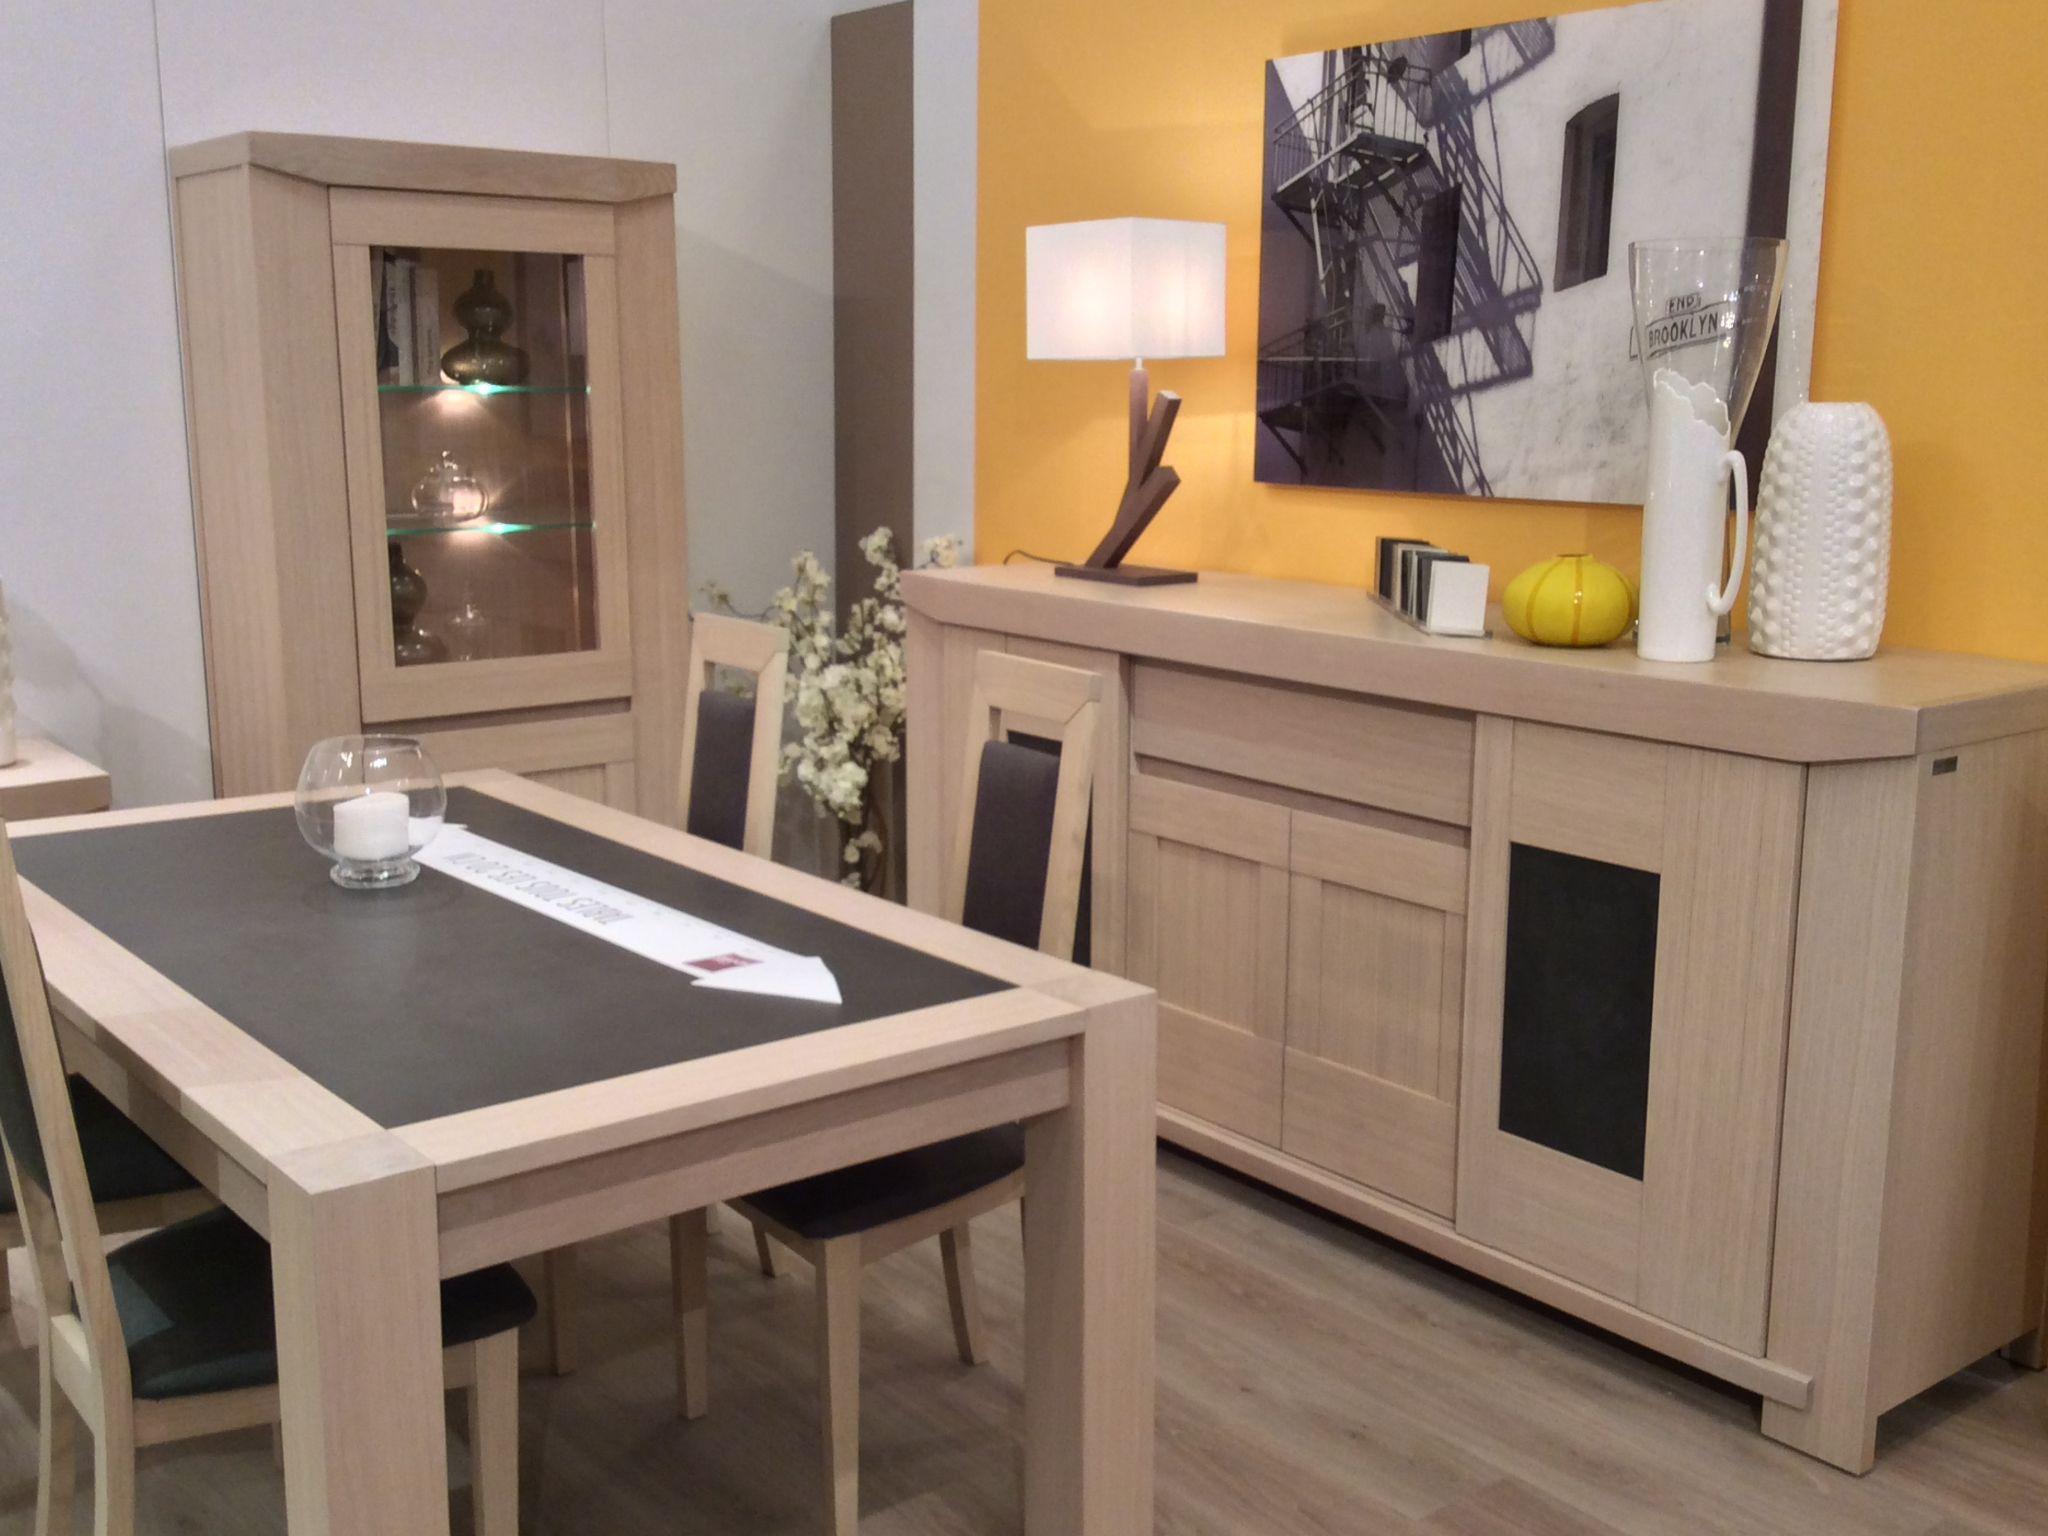 colorado meubles ernest m nard fabriqu en france ernest des meubles n s en bretagne